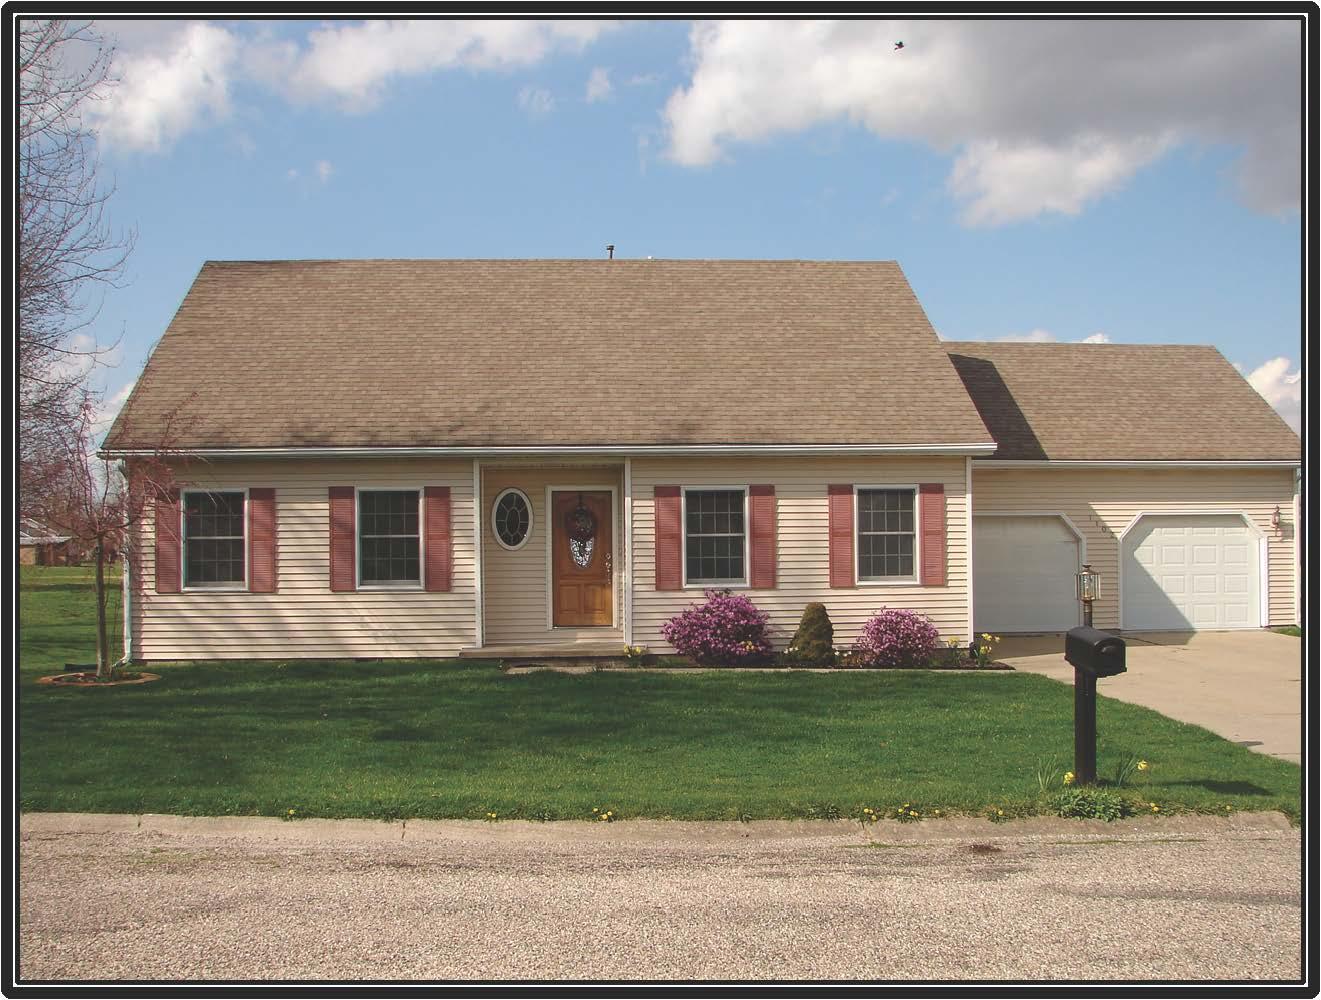 1102 Autumn Lane, Marshall, Illinois 62441